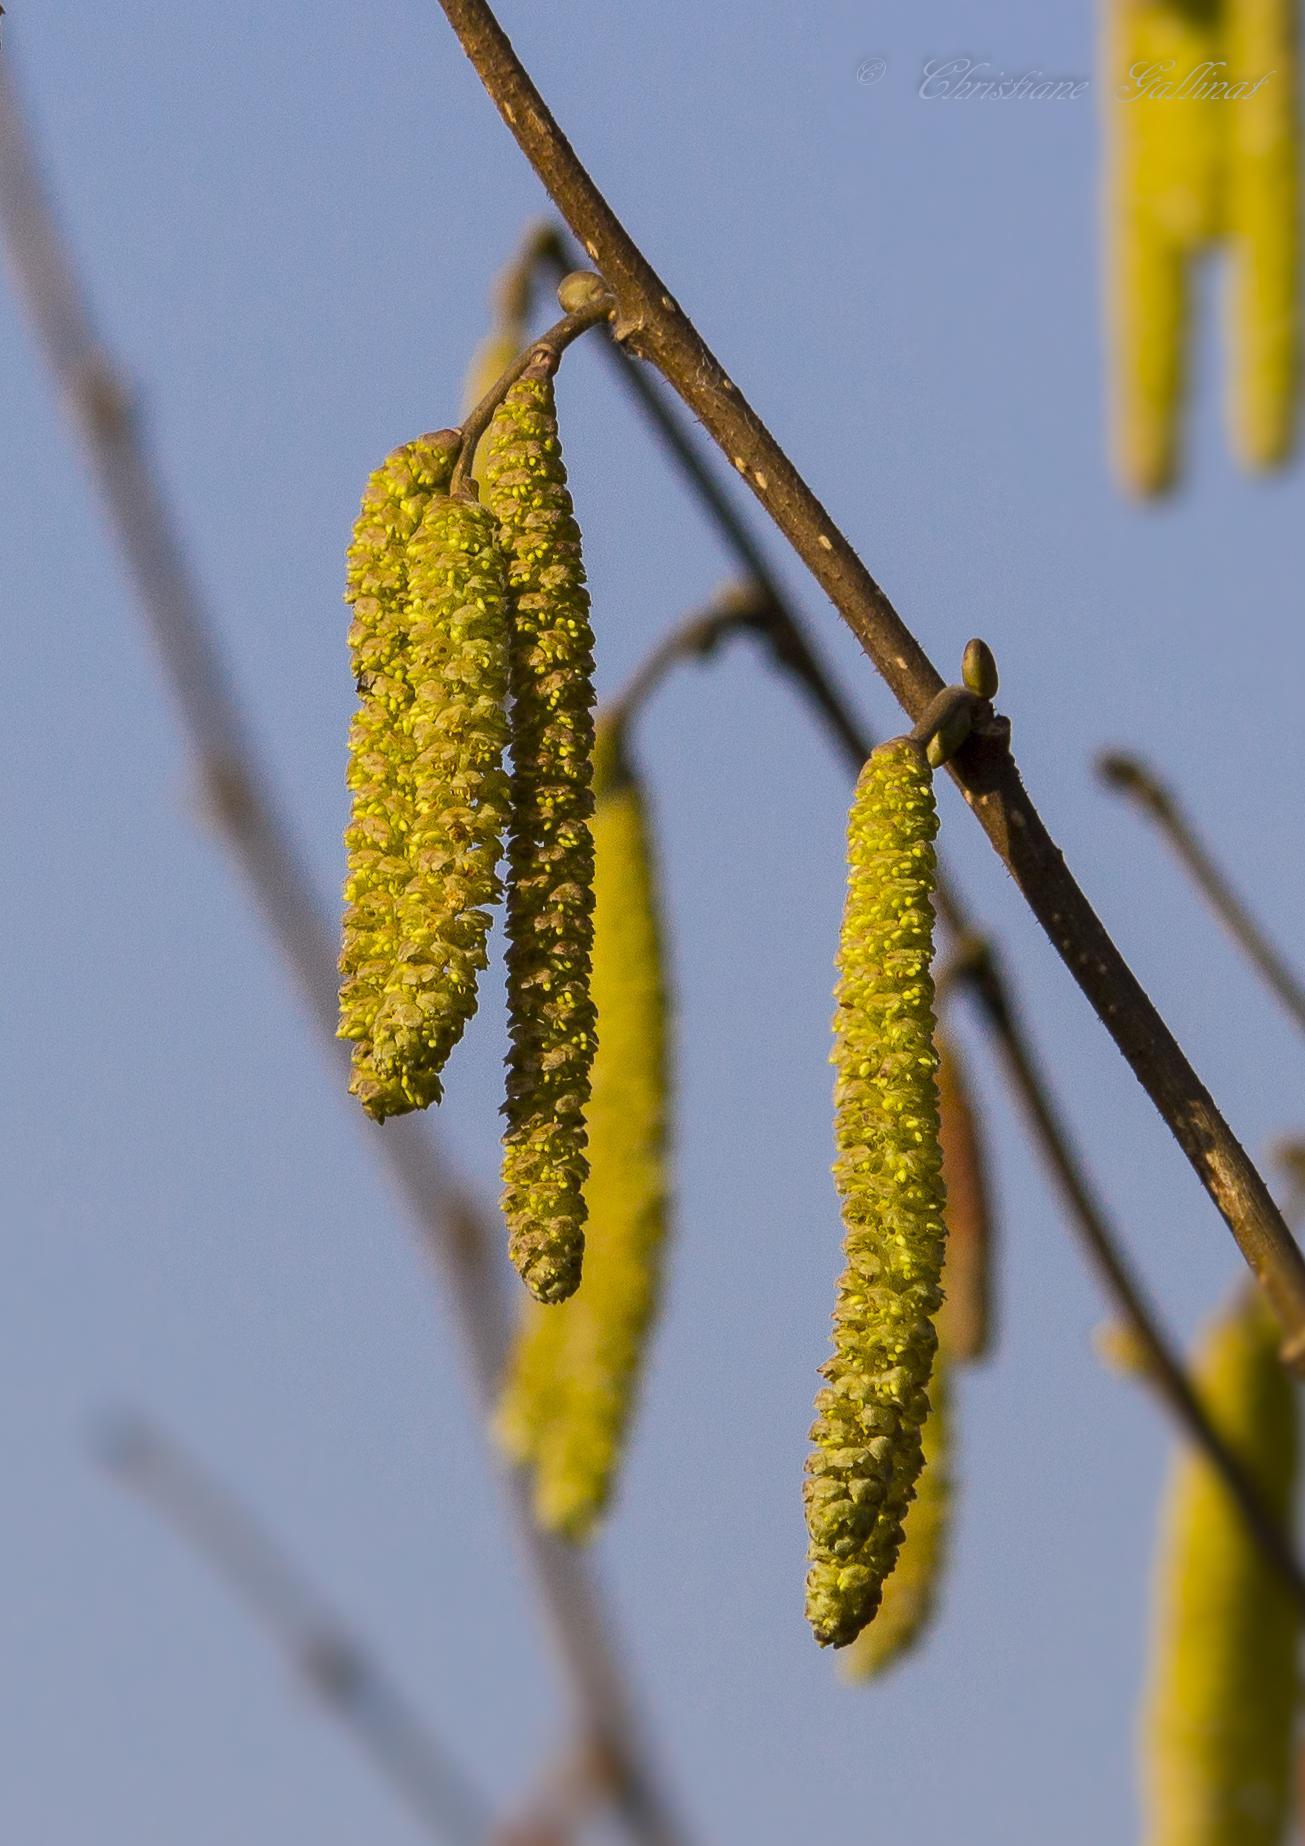 Hasel HATSCHI / Pollenflug hat eingesetzt